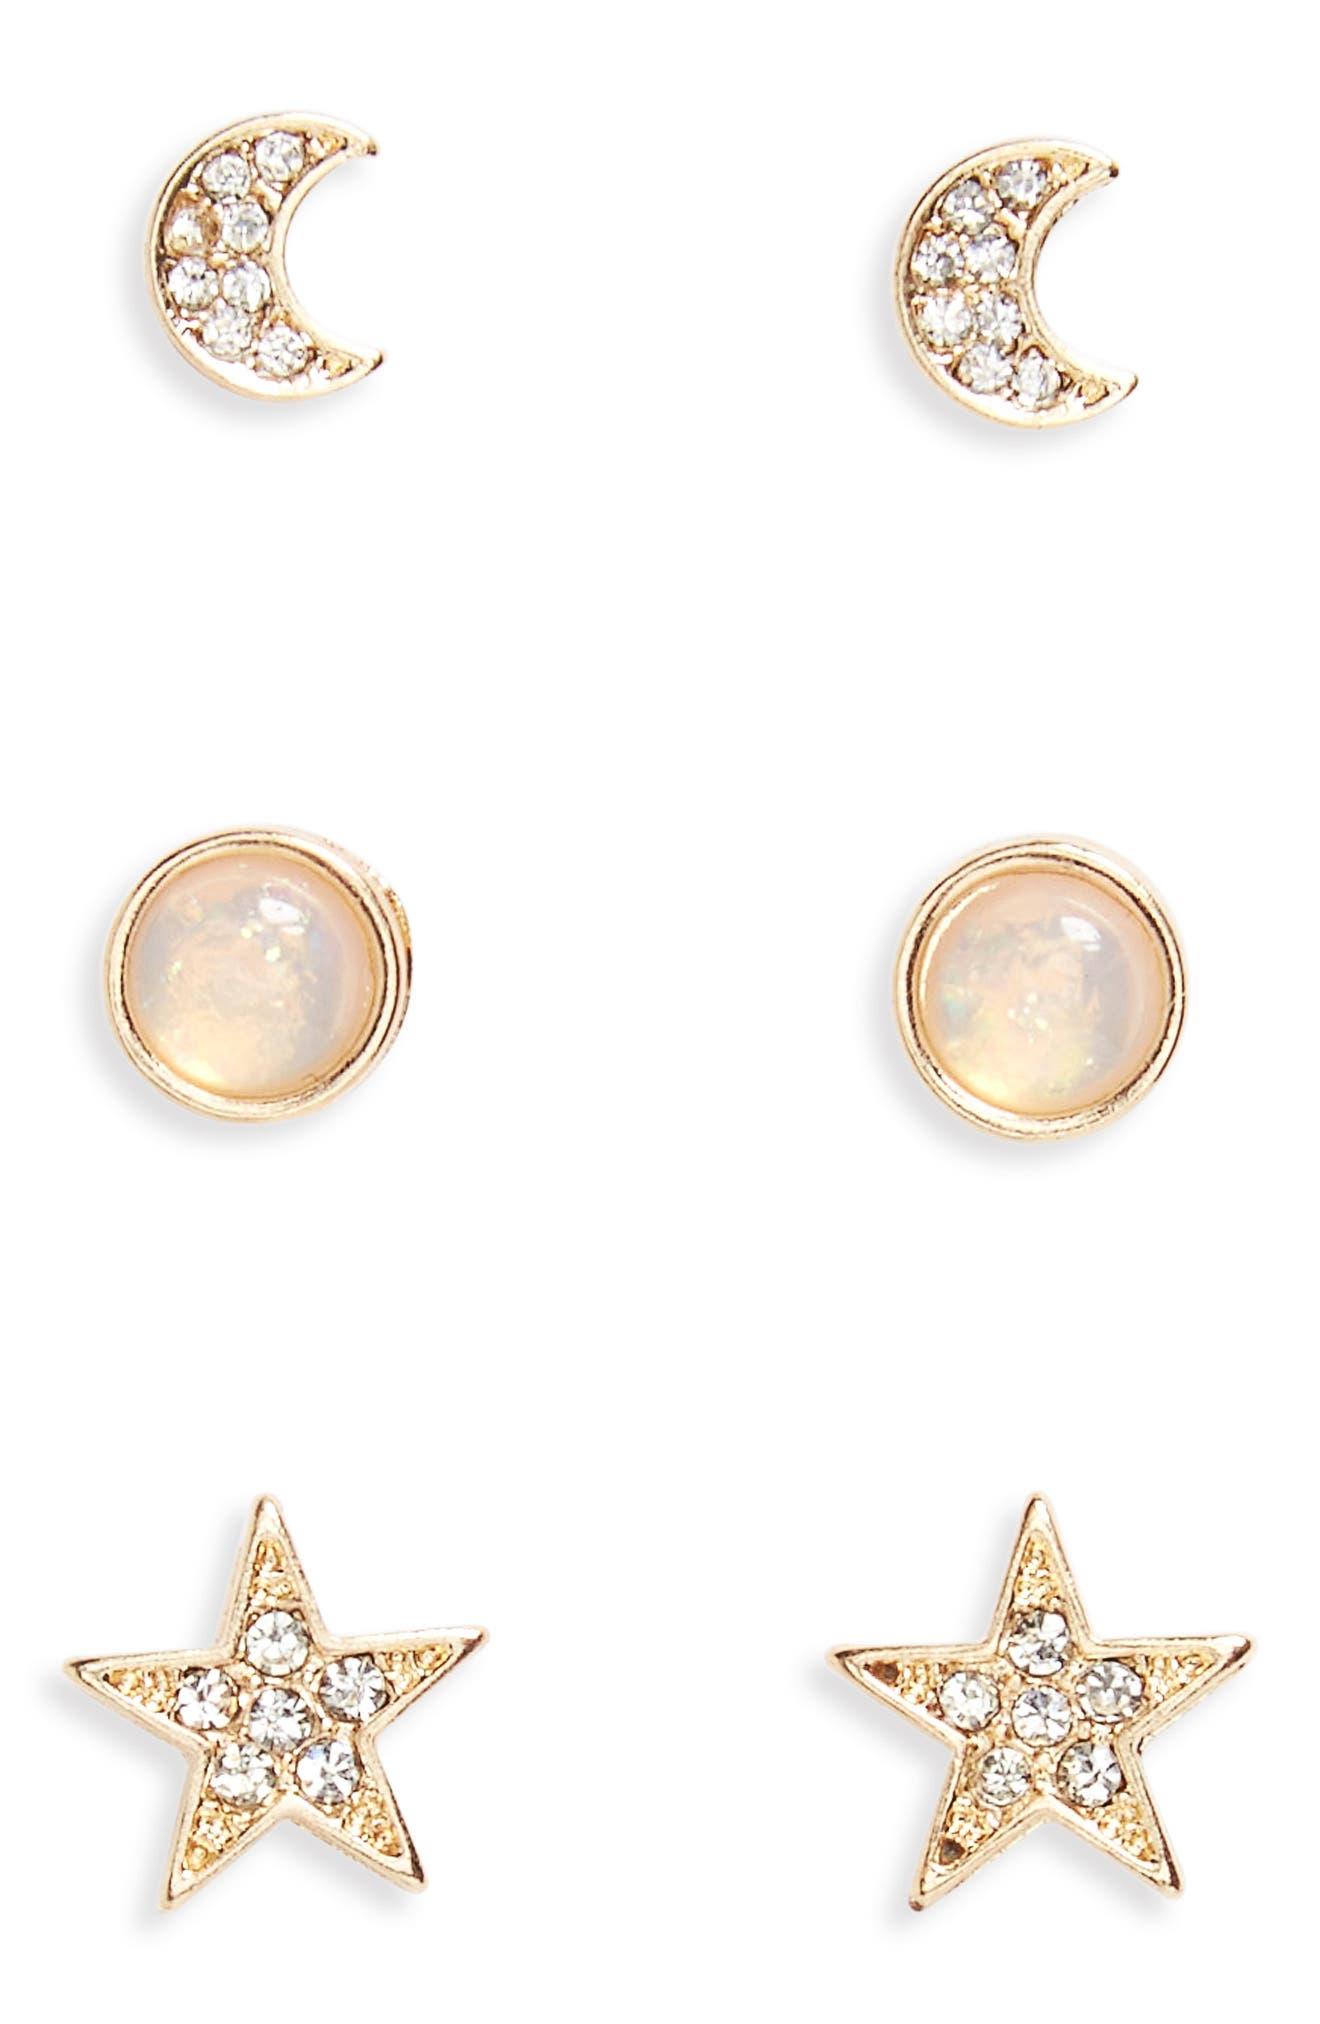 Main Image - Loren Olivia Moon, Star & Faux Opal 3-Pack Earrings